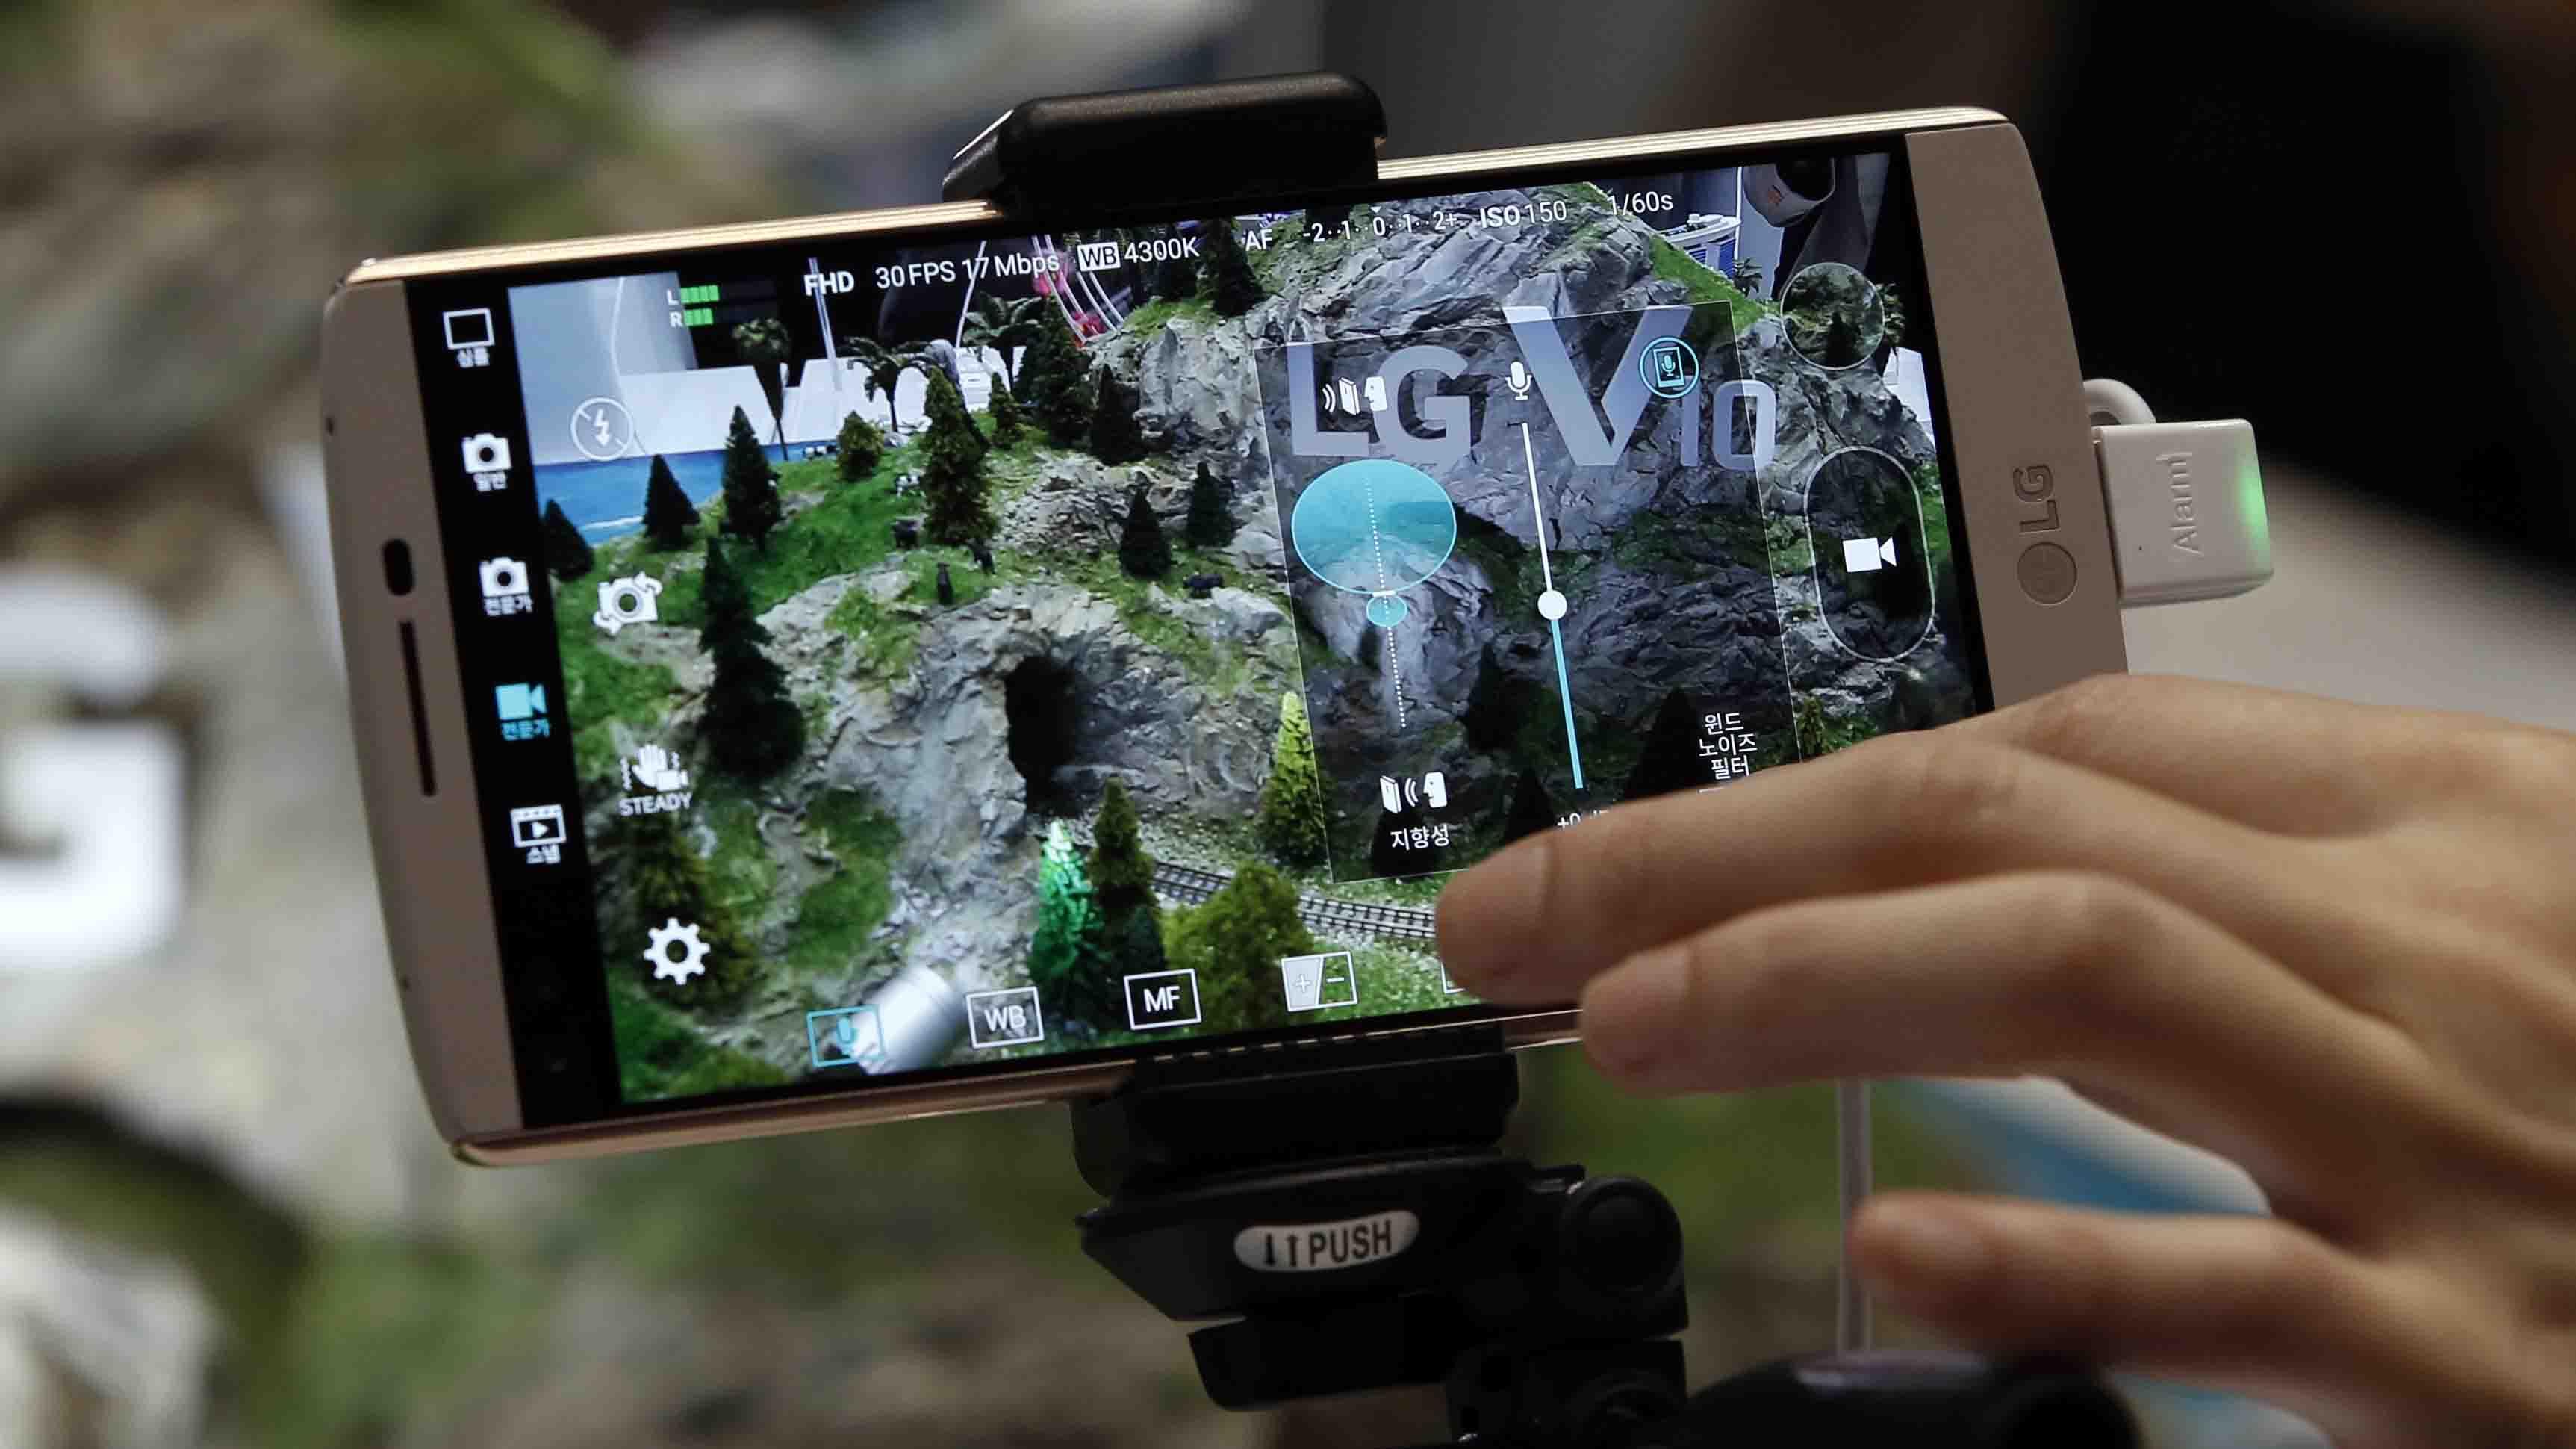 Varios escenarios fotográficos permiten al usuario elegir un objetivo específico para tomar una imagen, de acuerdo a la empresa